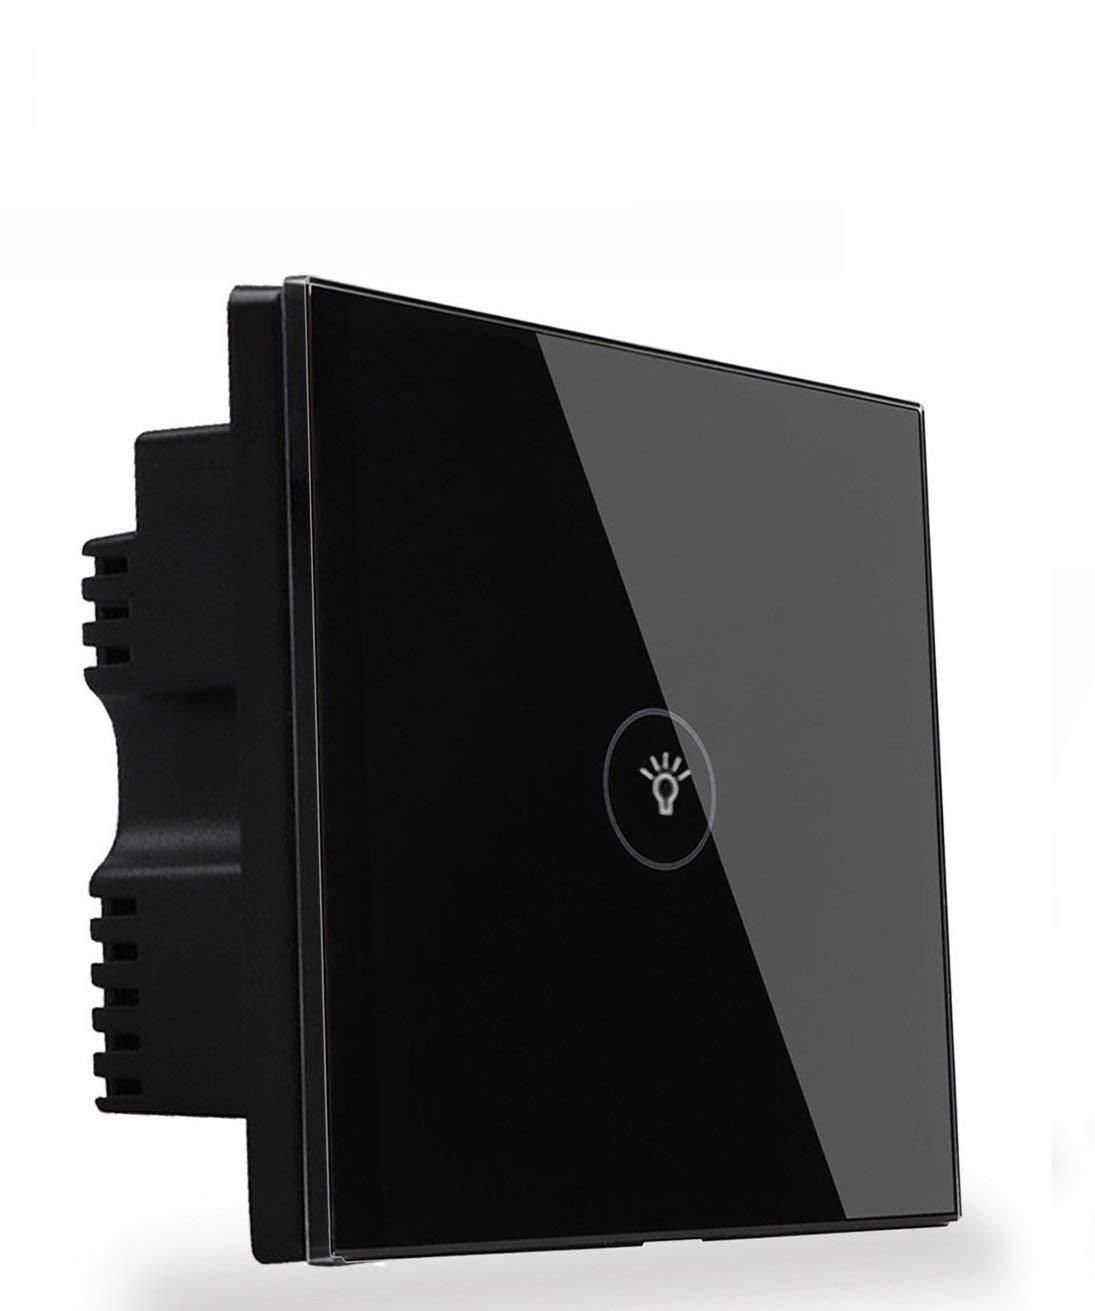 Iycorish 1 Coppia Specchietto Retrovisore Moto Retromarcia Filettatura Destra Conversione Adattatore Argento allInterno 10mm 8mm Reverse